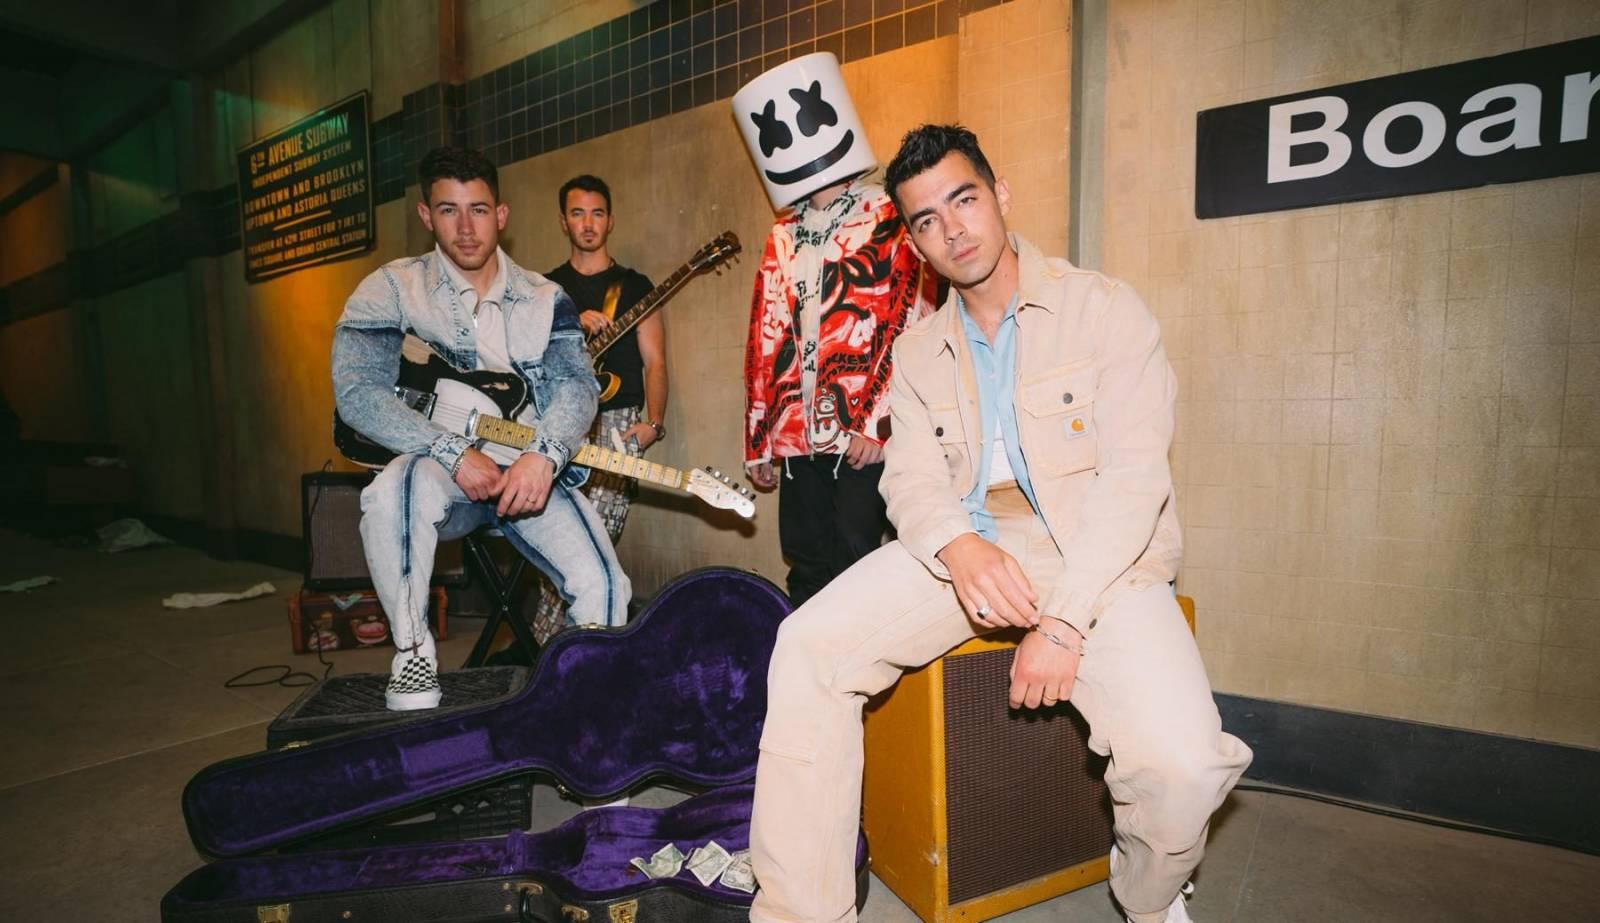 TOP 5 videoklipů týdne: Tři sestry děkují hospodským, Rybičky 48 mají o dva členy více a Jonas Brothers s Marshmello zpívají o vztahu na jednu noc